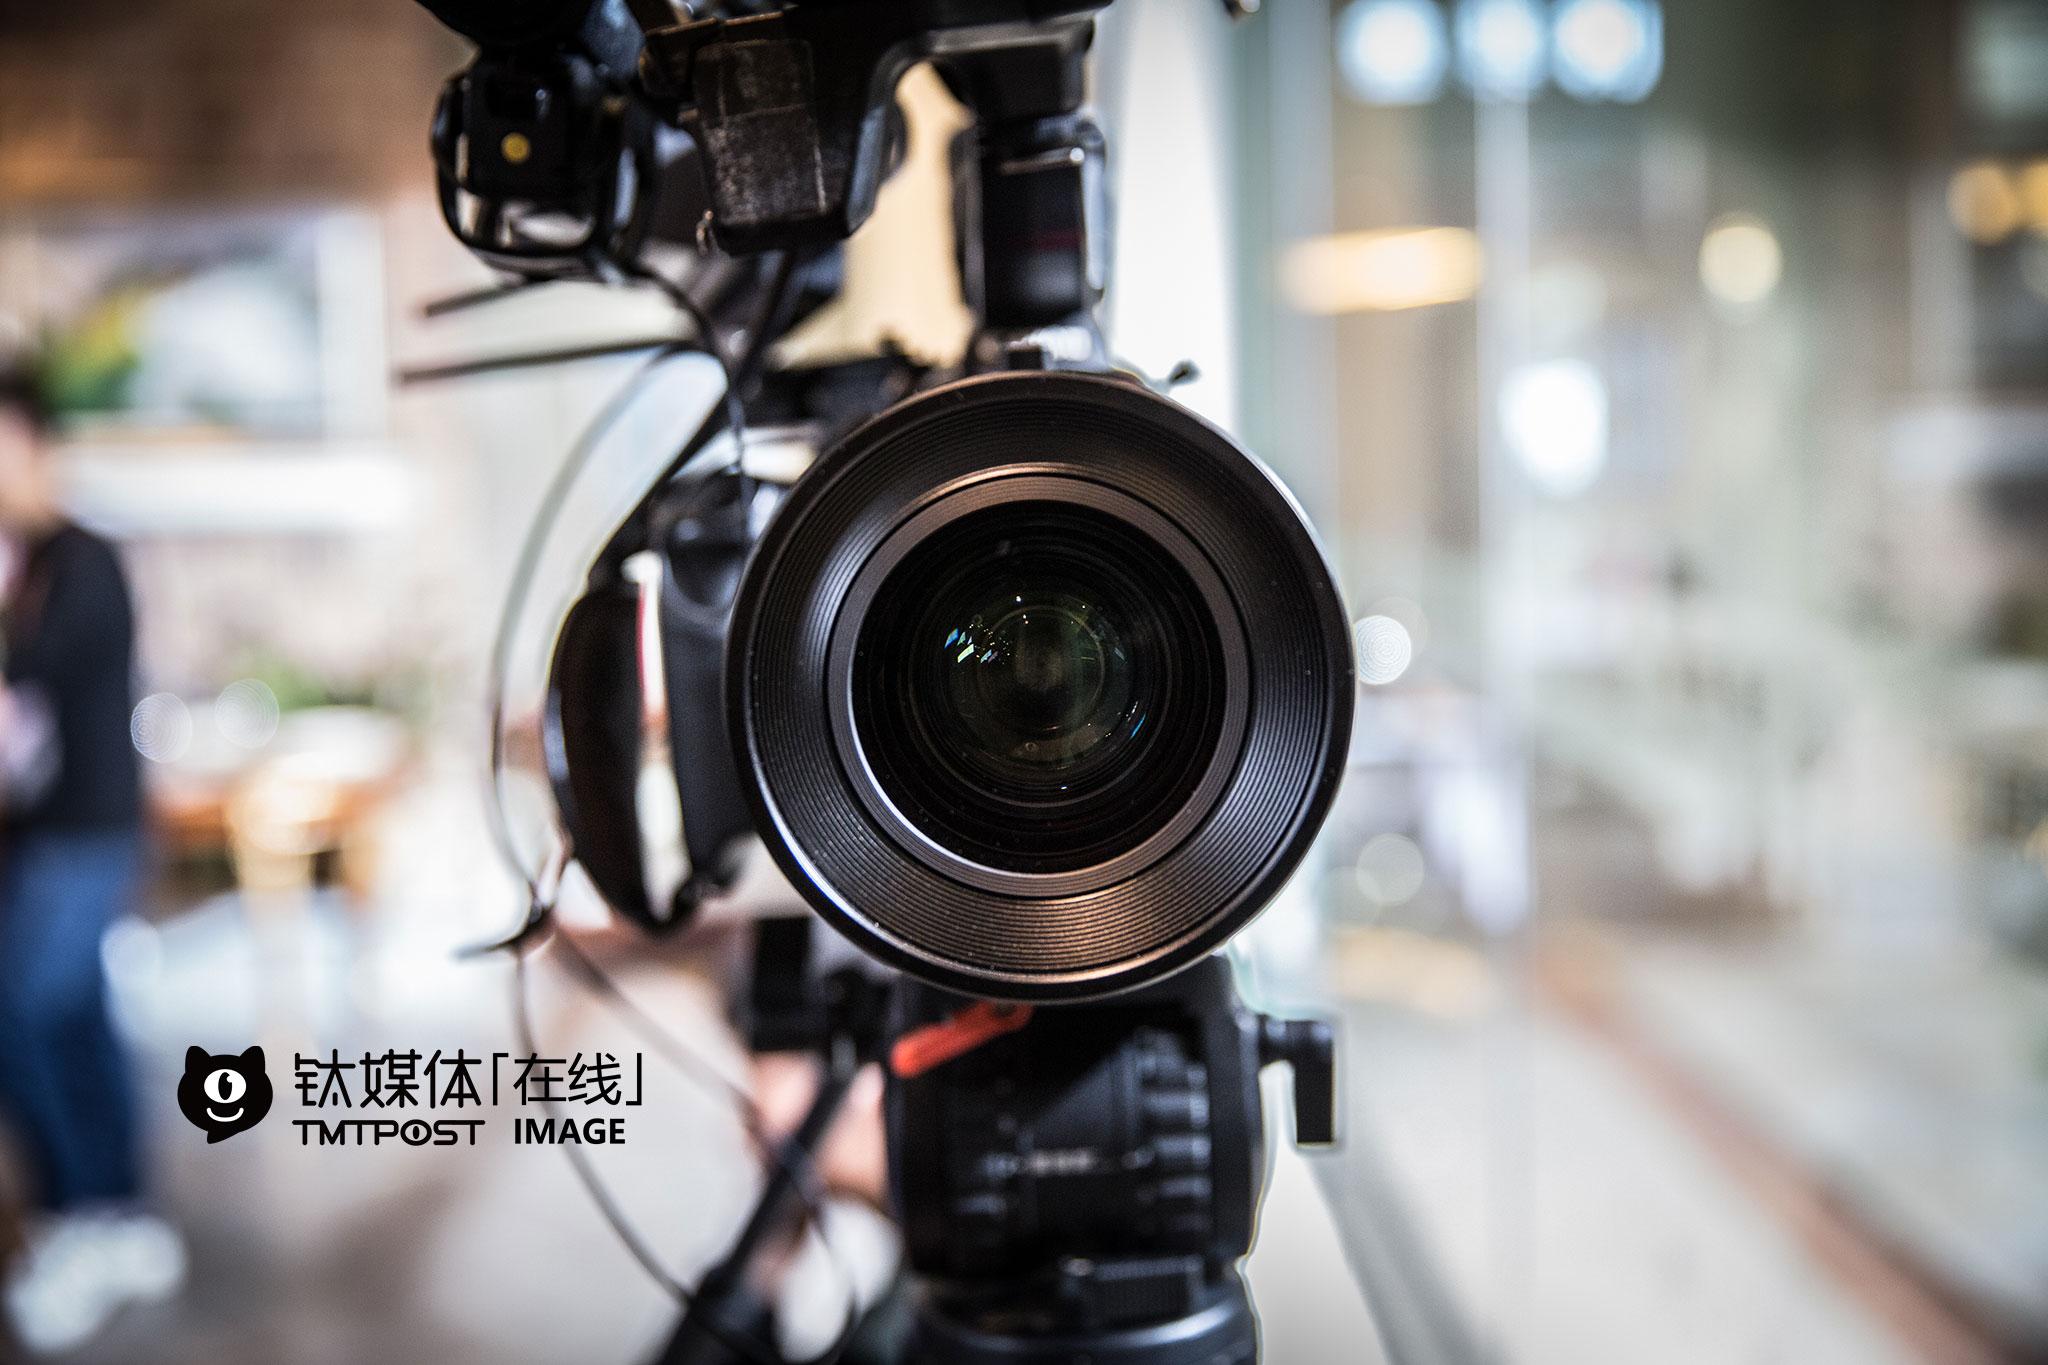 """万合天宜CEO范钧曾表示,万合天宜是""""一个人才孵化器,根本核心在于培养一大帮年轻的创作者,还有一大帮行业精英,我们愿意给所有有梦想的人舞台,让他们成材。"""""""